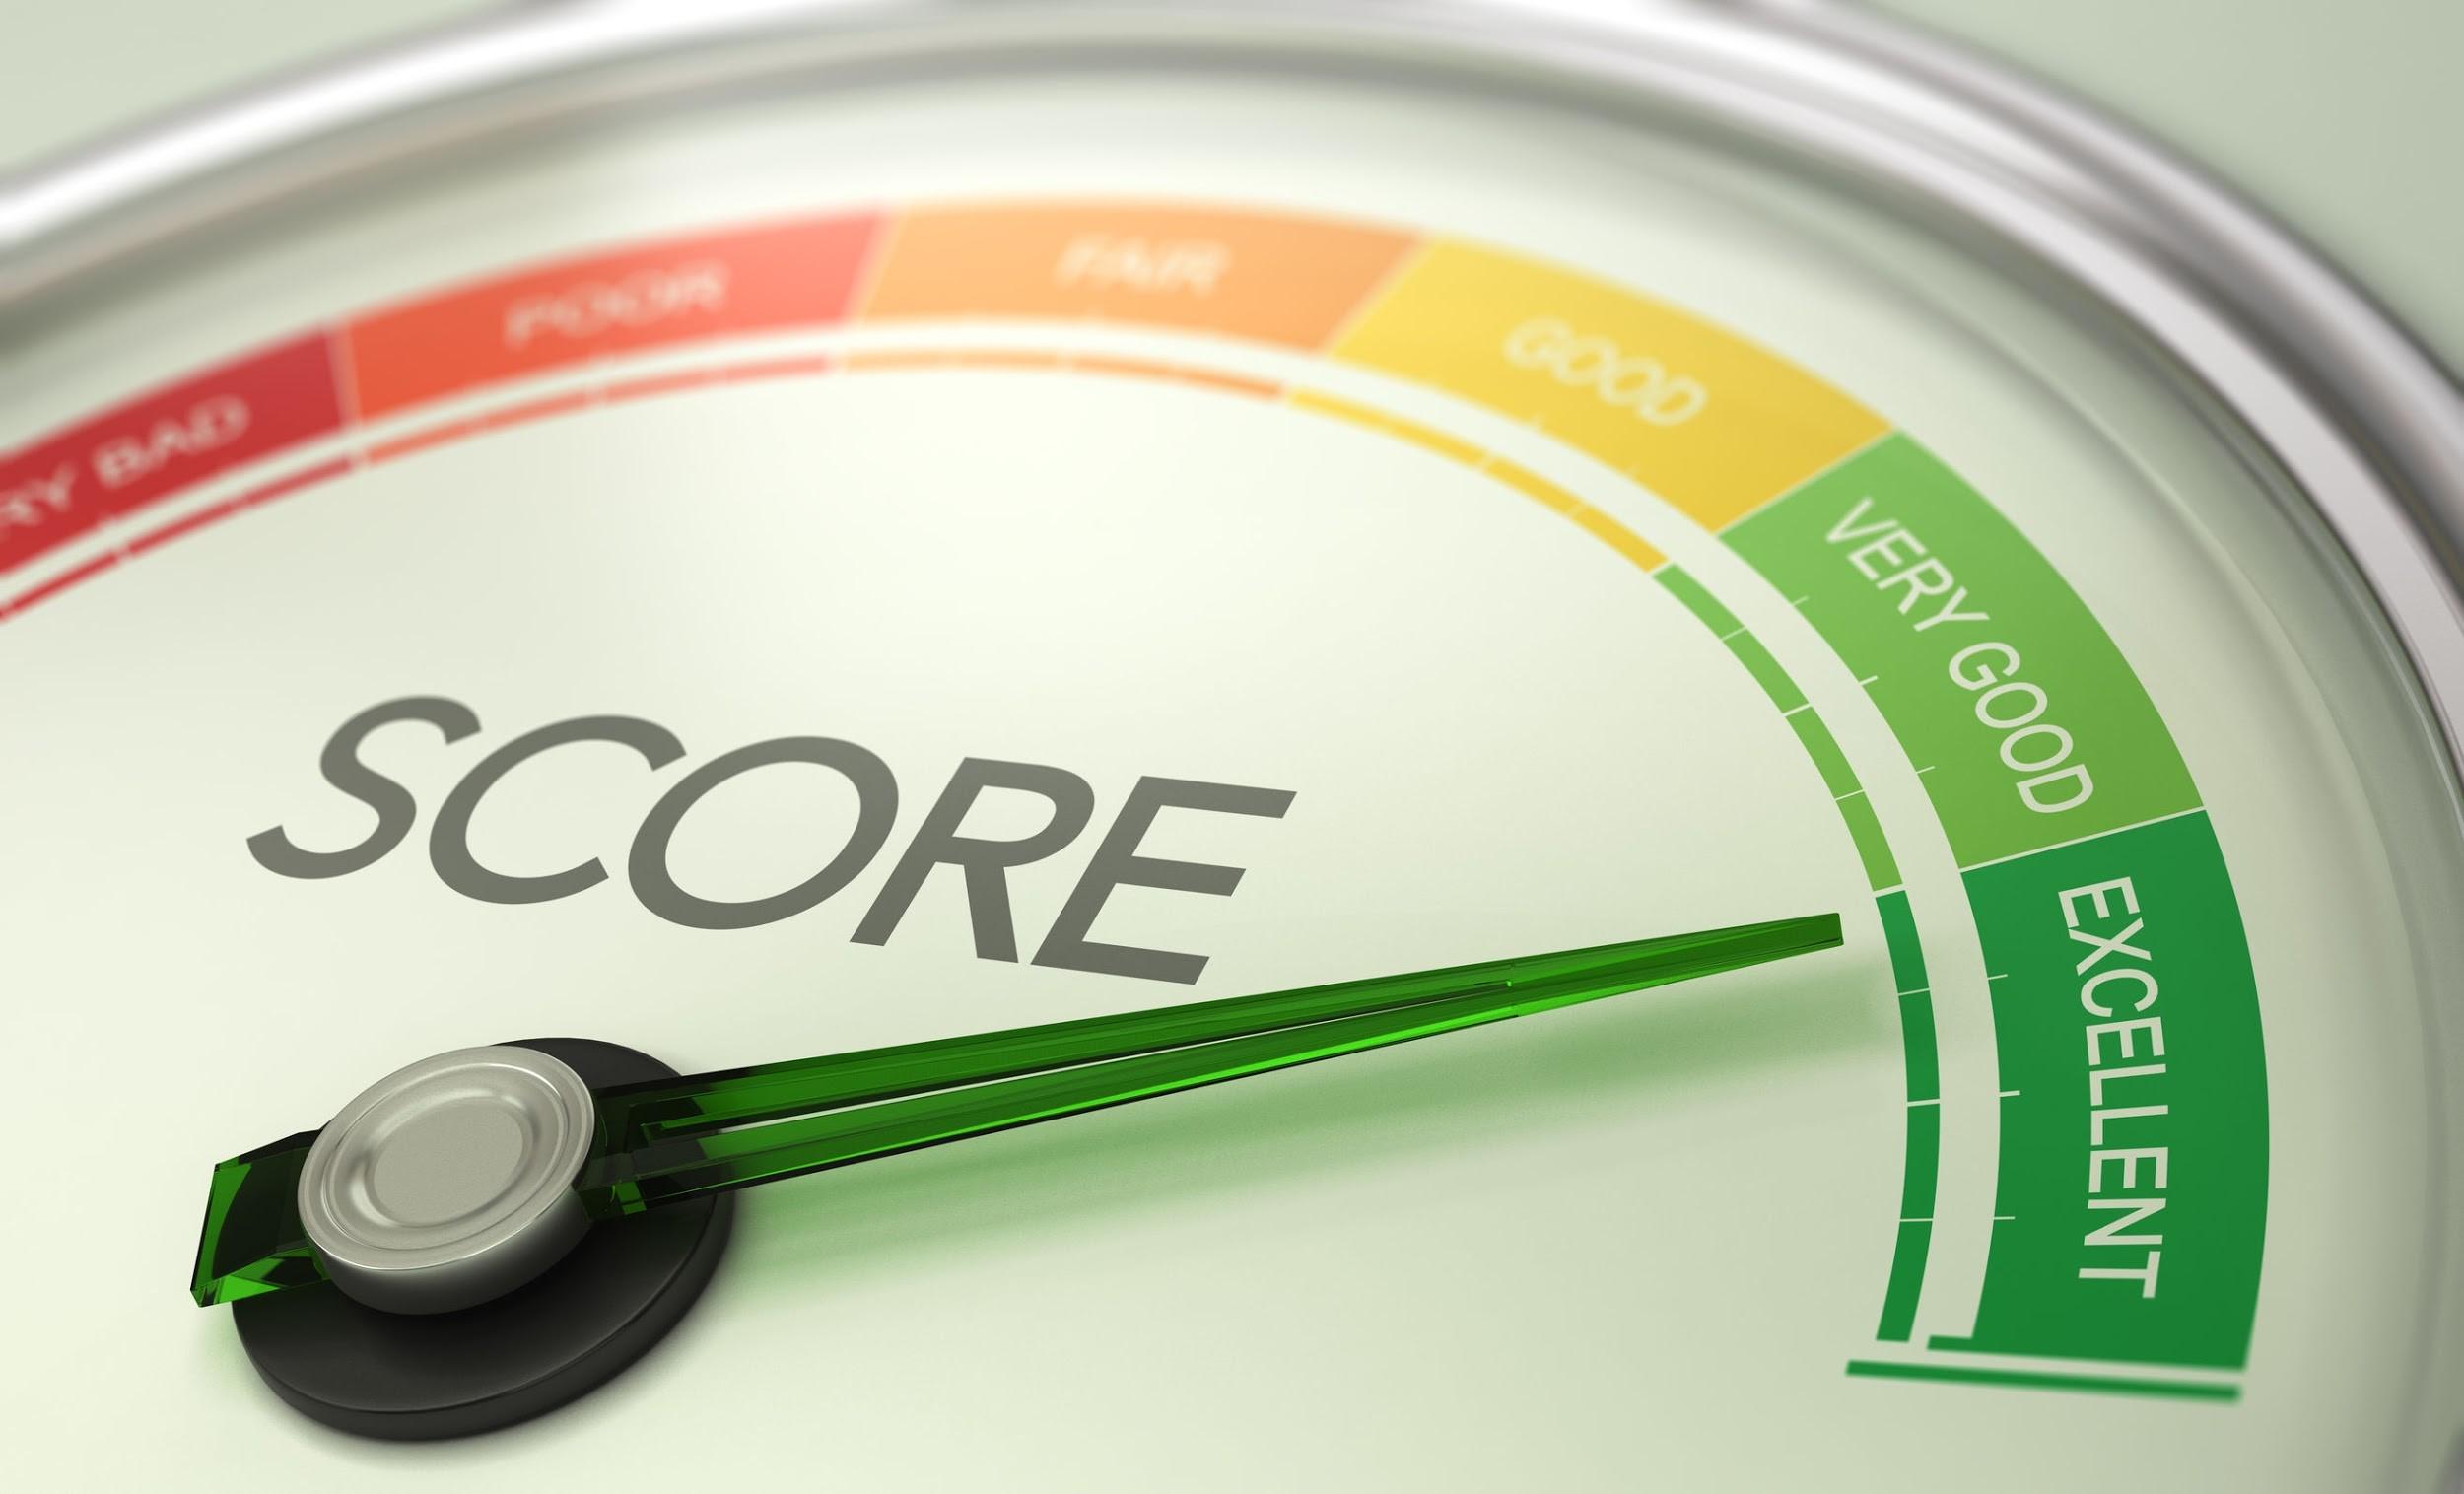 dicas de como aumentar o score rapido